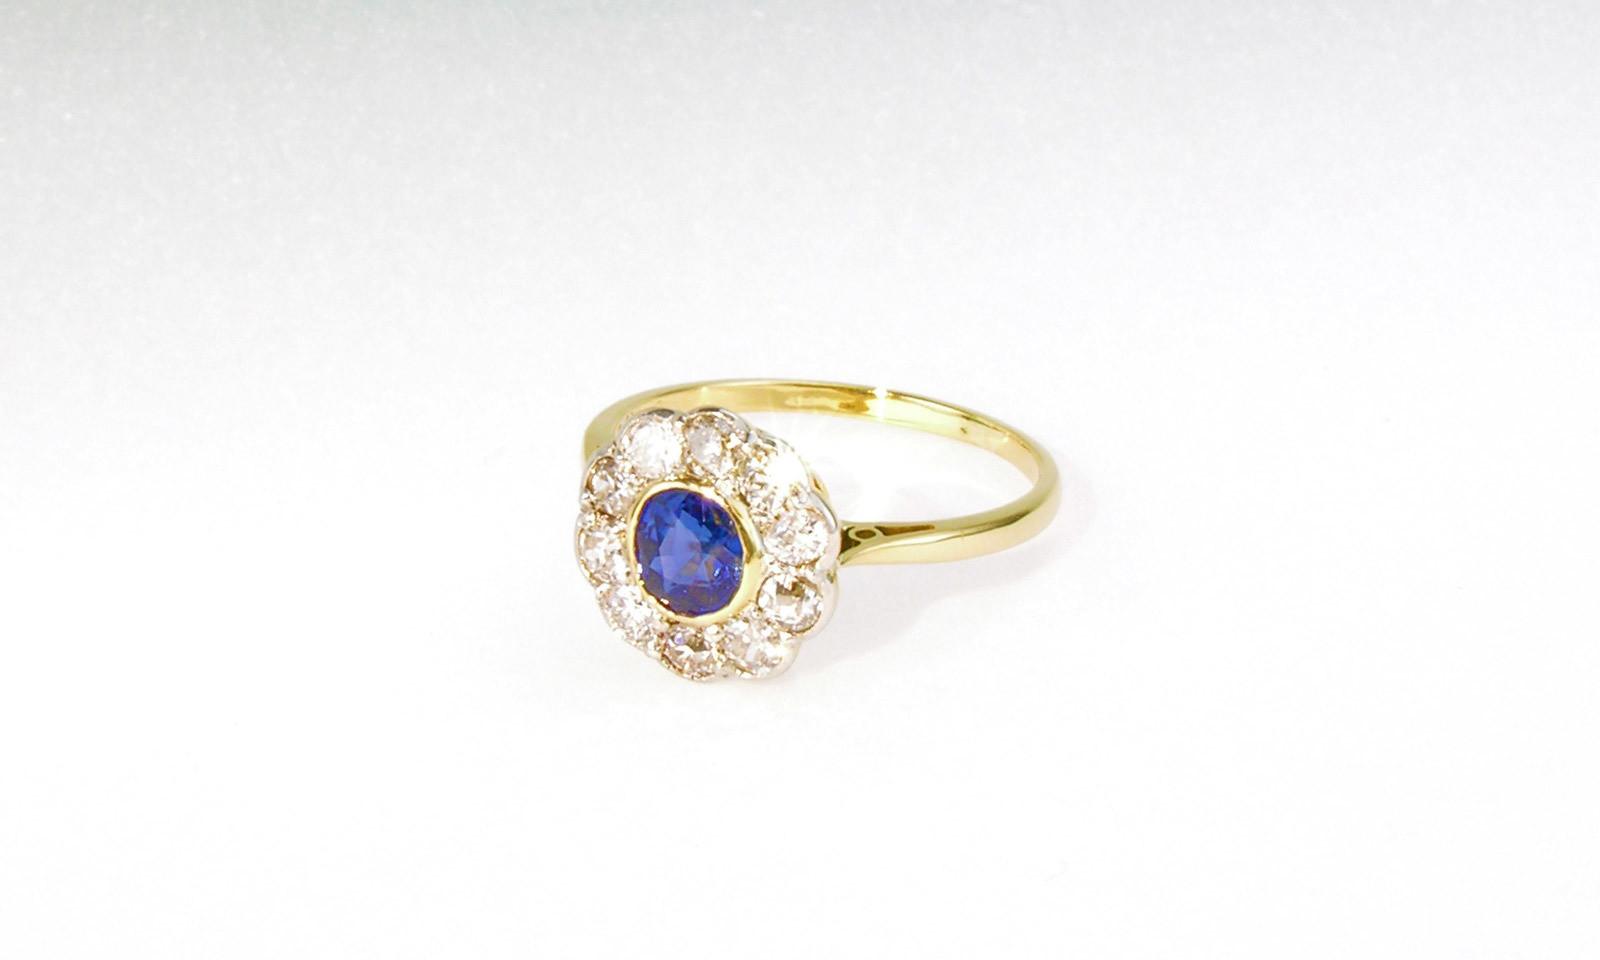 Ring Entourage Safir. Ring um 1880, Platin auf Gelbgold mit Safir d 5.0 mm und Entourage aus 12 Diamanten im Altschliff d 2.5 mm, CHF 2900.-